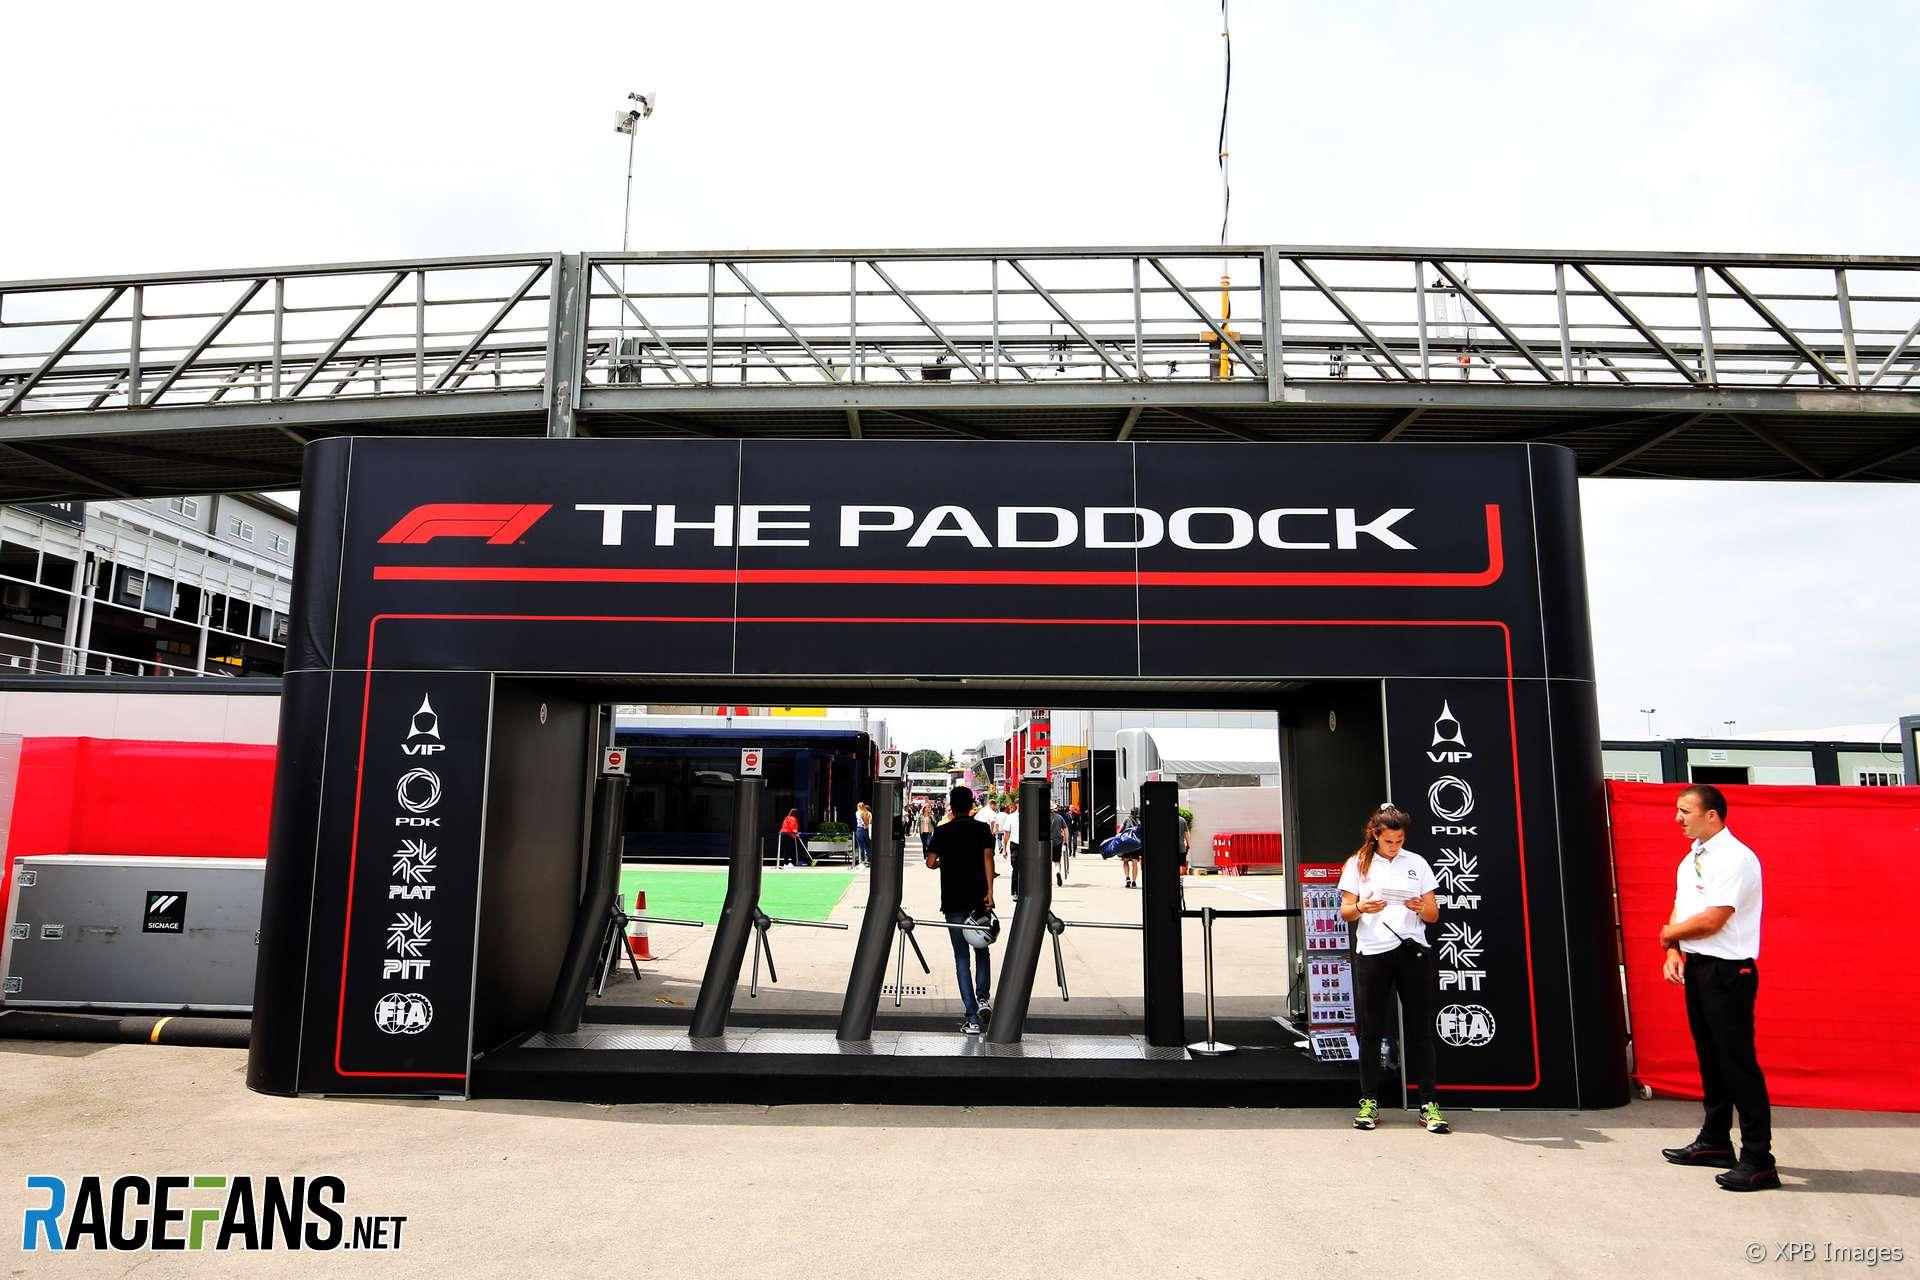 Paddock, Circuit de Catalunya, 2018